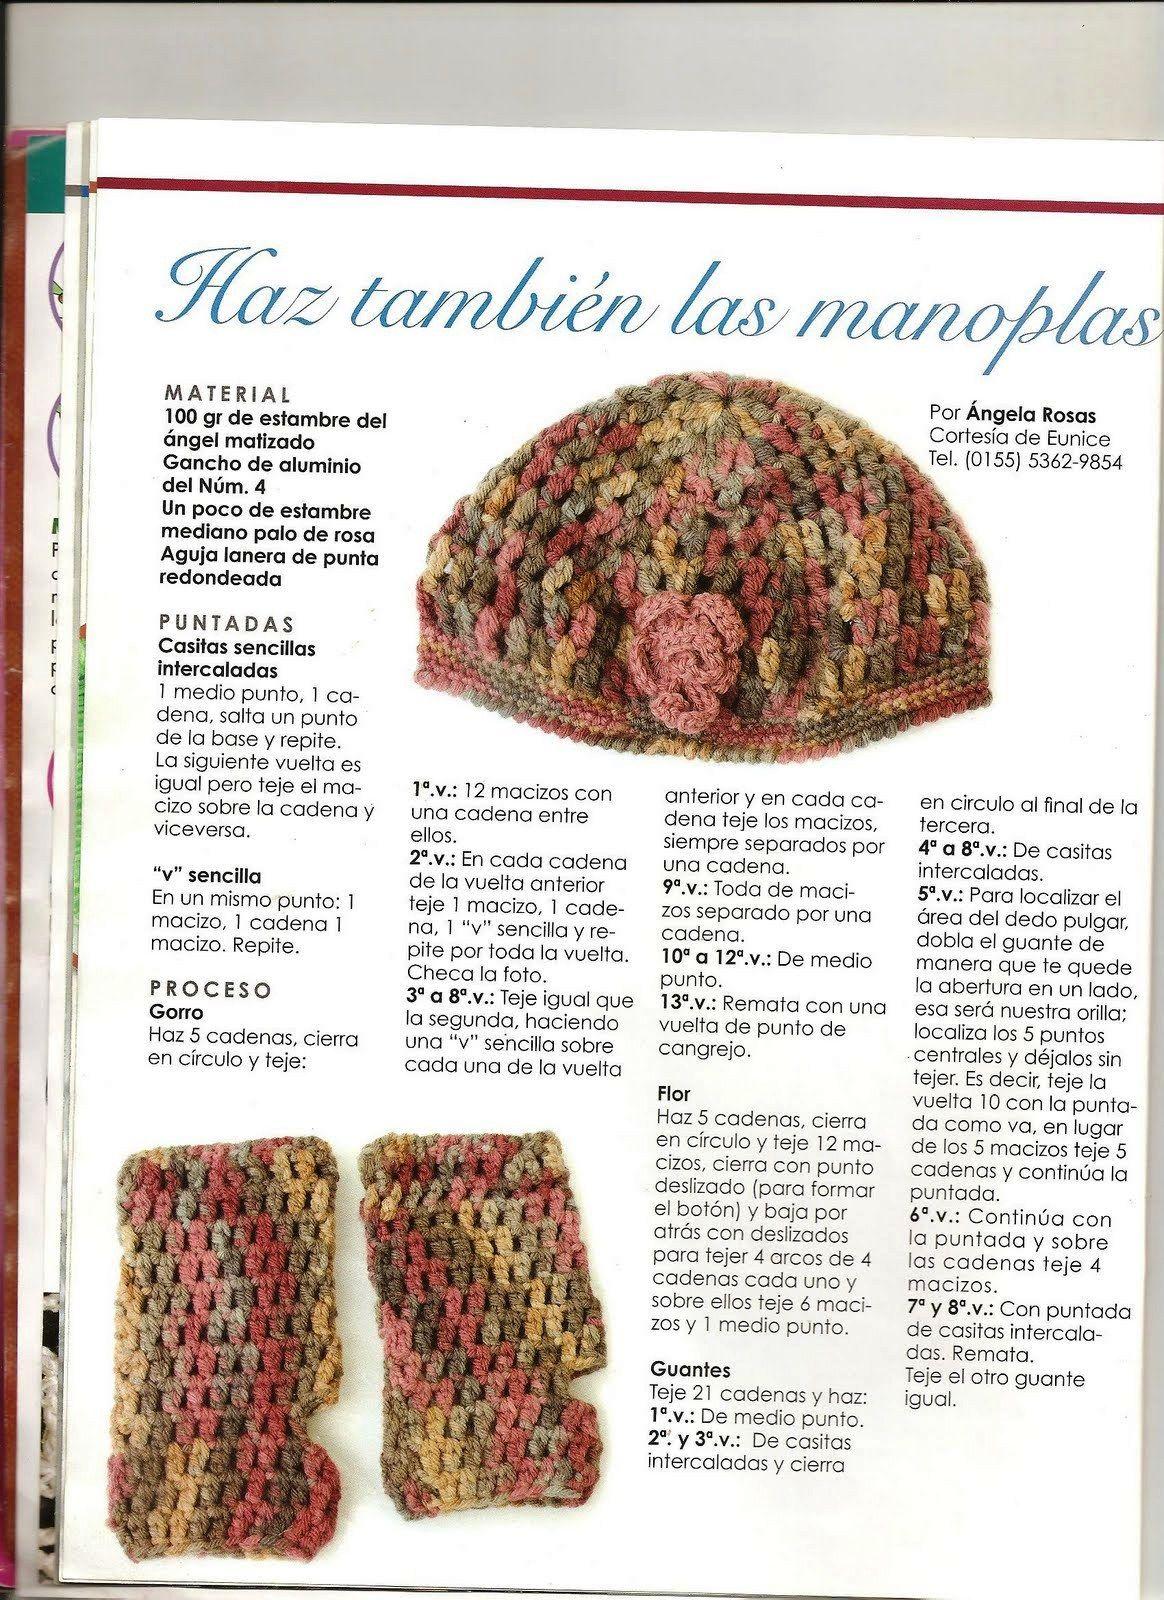 Increíble Patrones De Tejido De Punto Manopla Colección - Ideas de ...